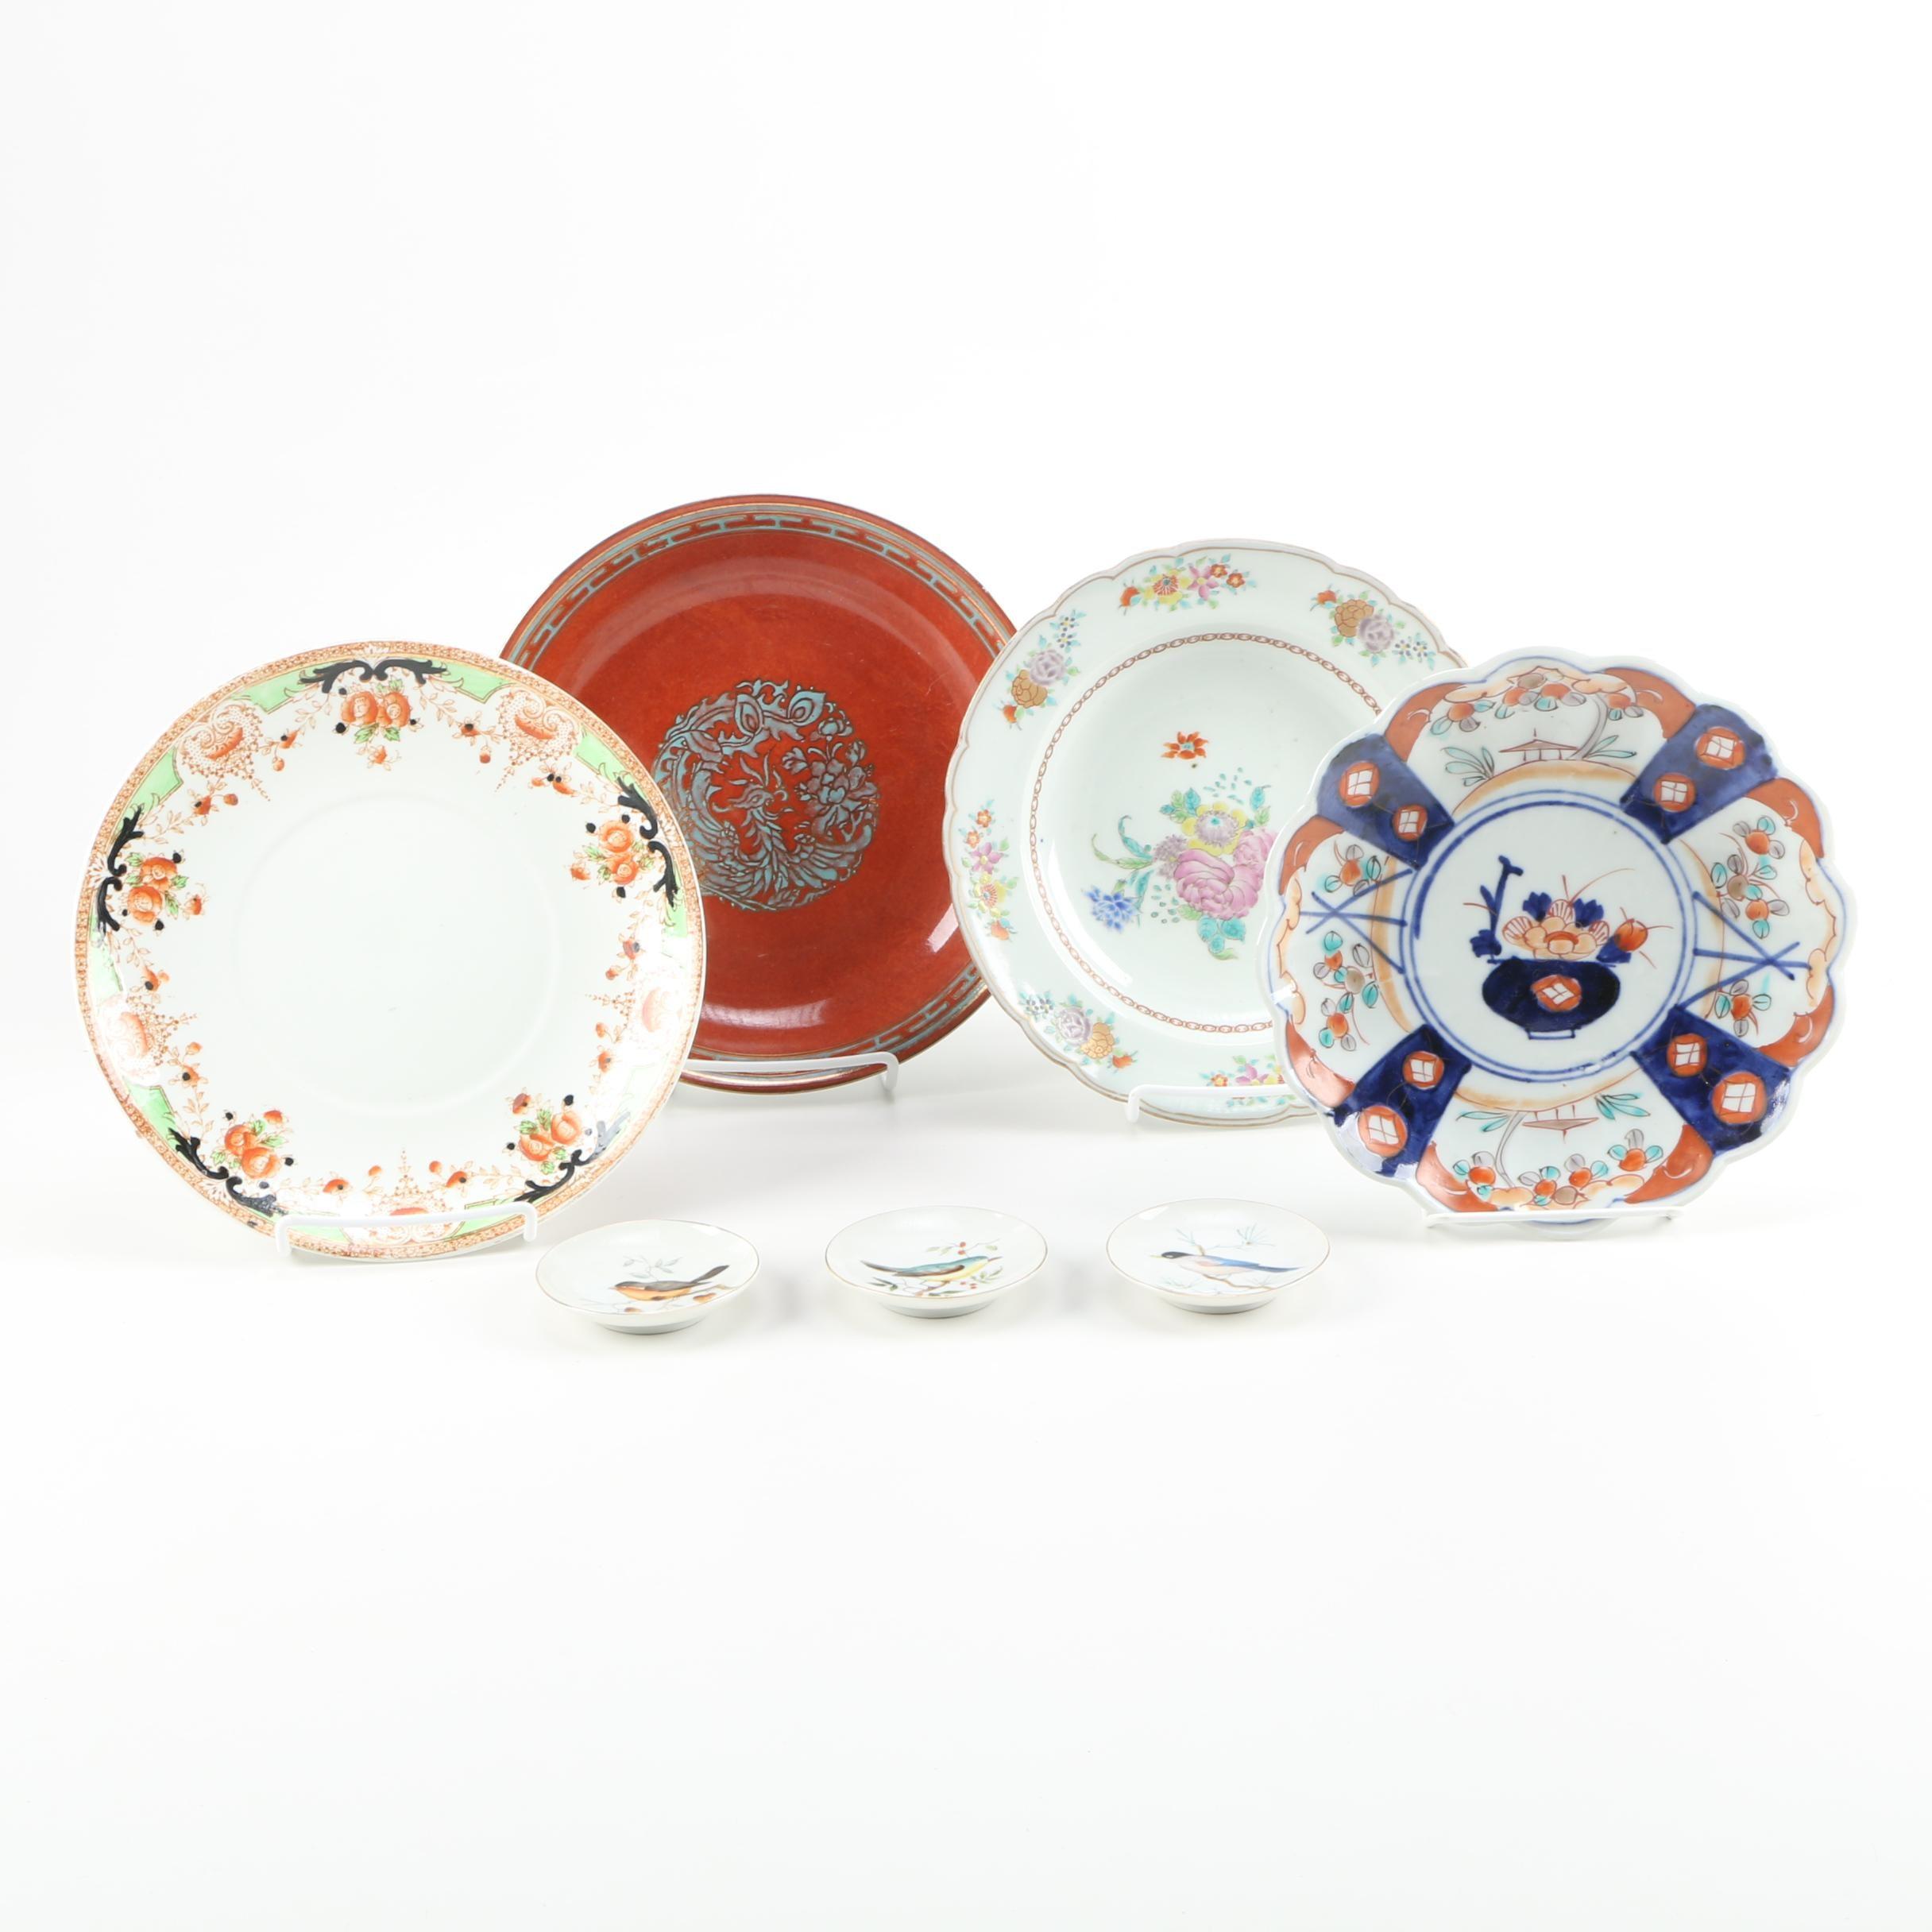 East Asian Decorative Plates ...  sc 1 st  EBTH.com & East Asian Decorative Plates : EBTH